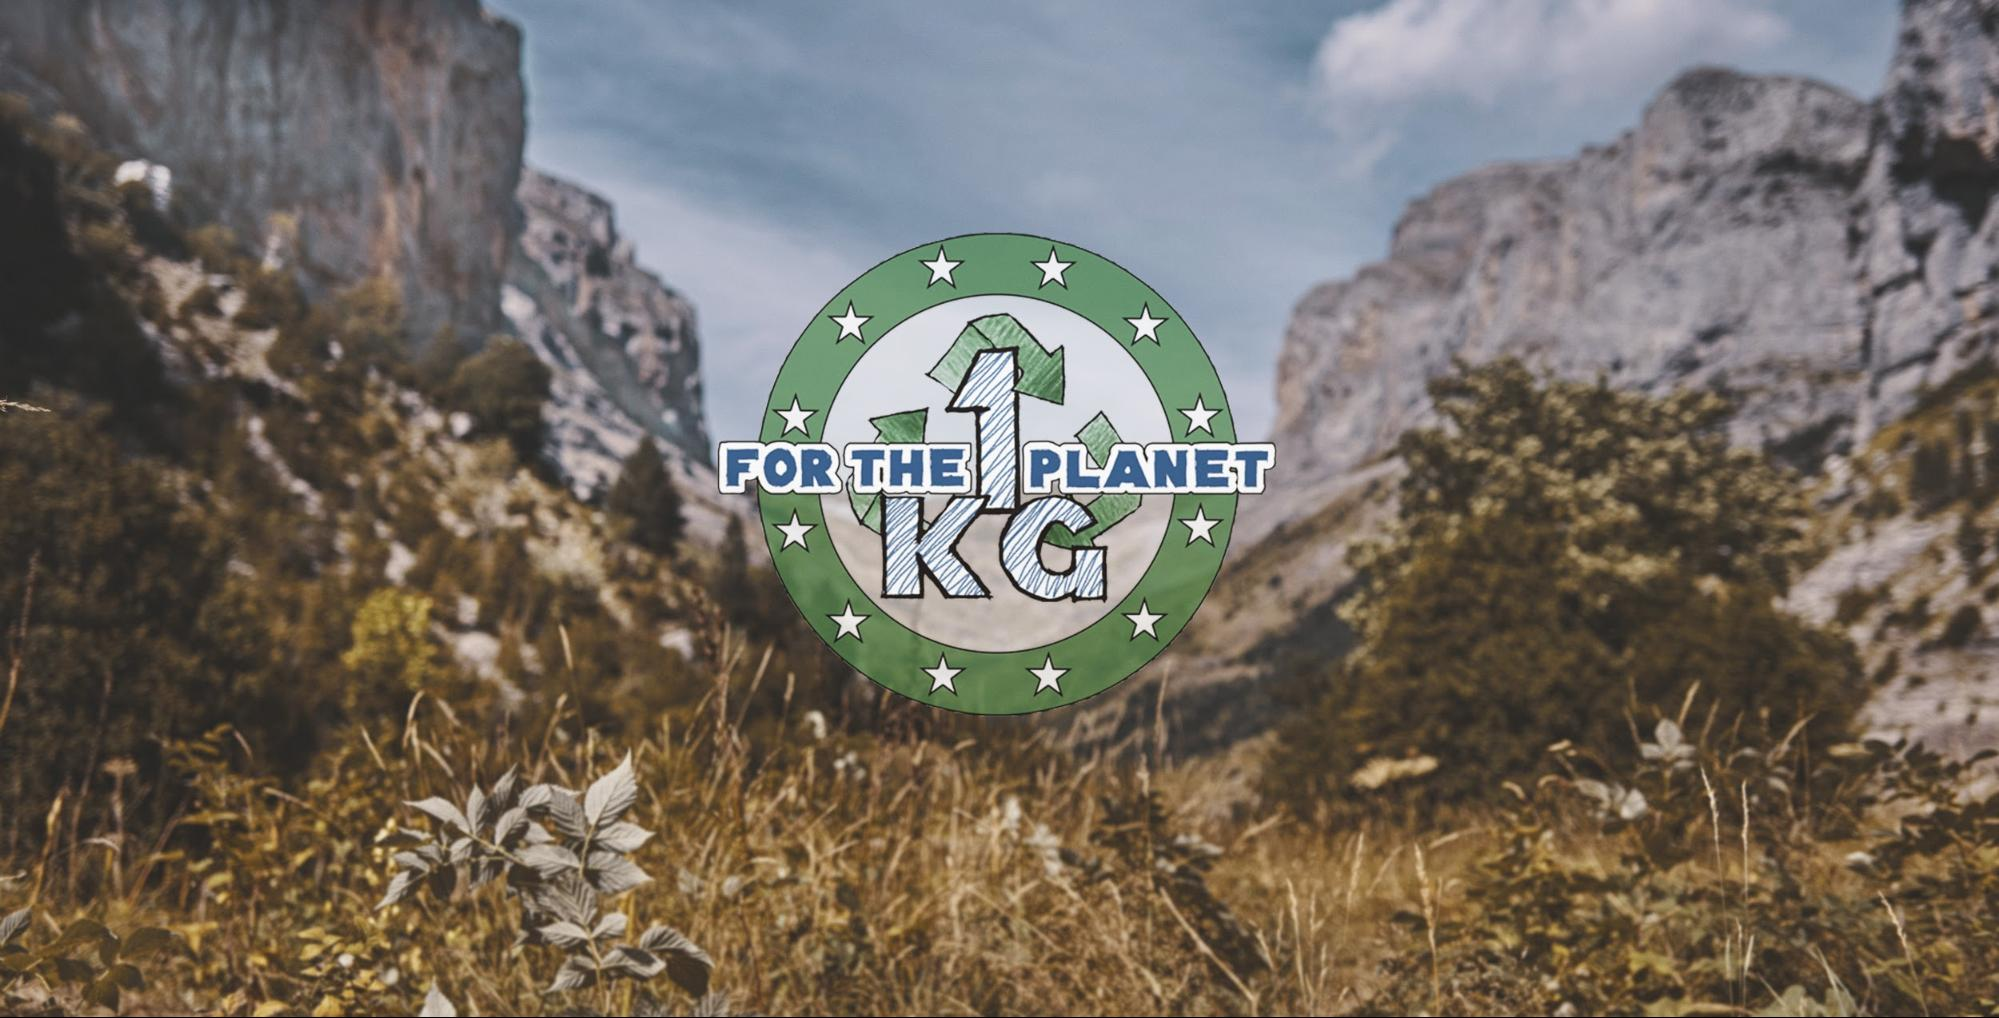 projet 1kg pour la planete